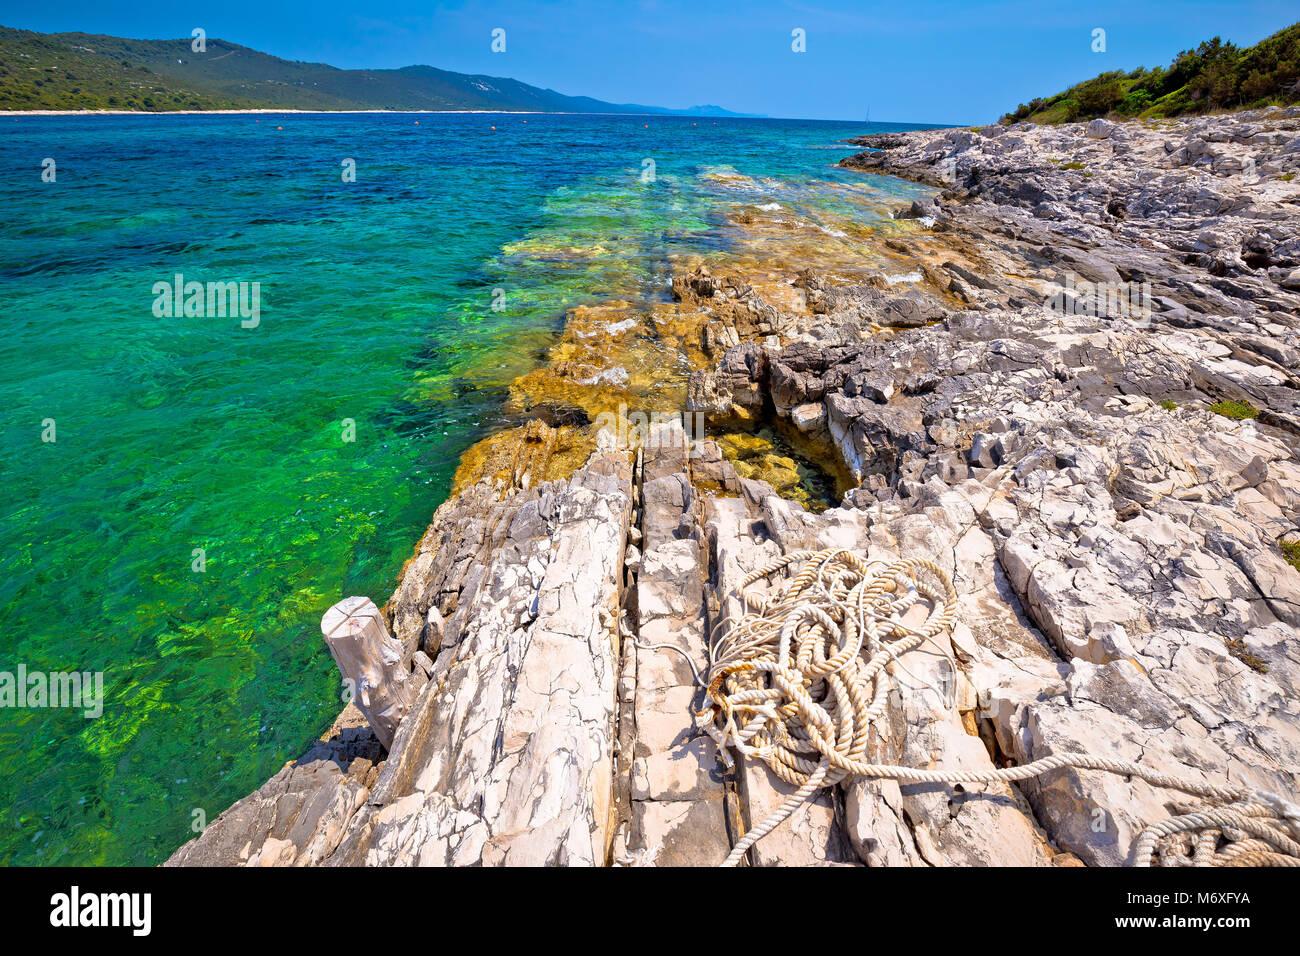 Idyllic rocky beach Sakarun on Dugi Otok island, archipelago of Dalmatia, Croatia - Stock Image